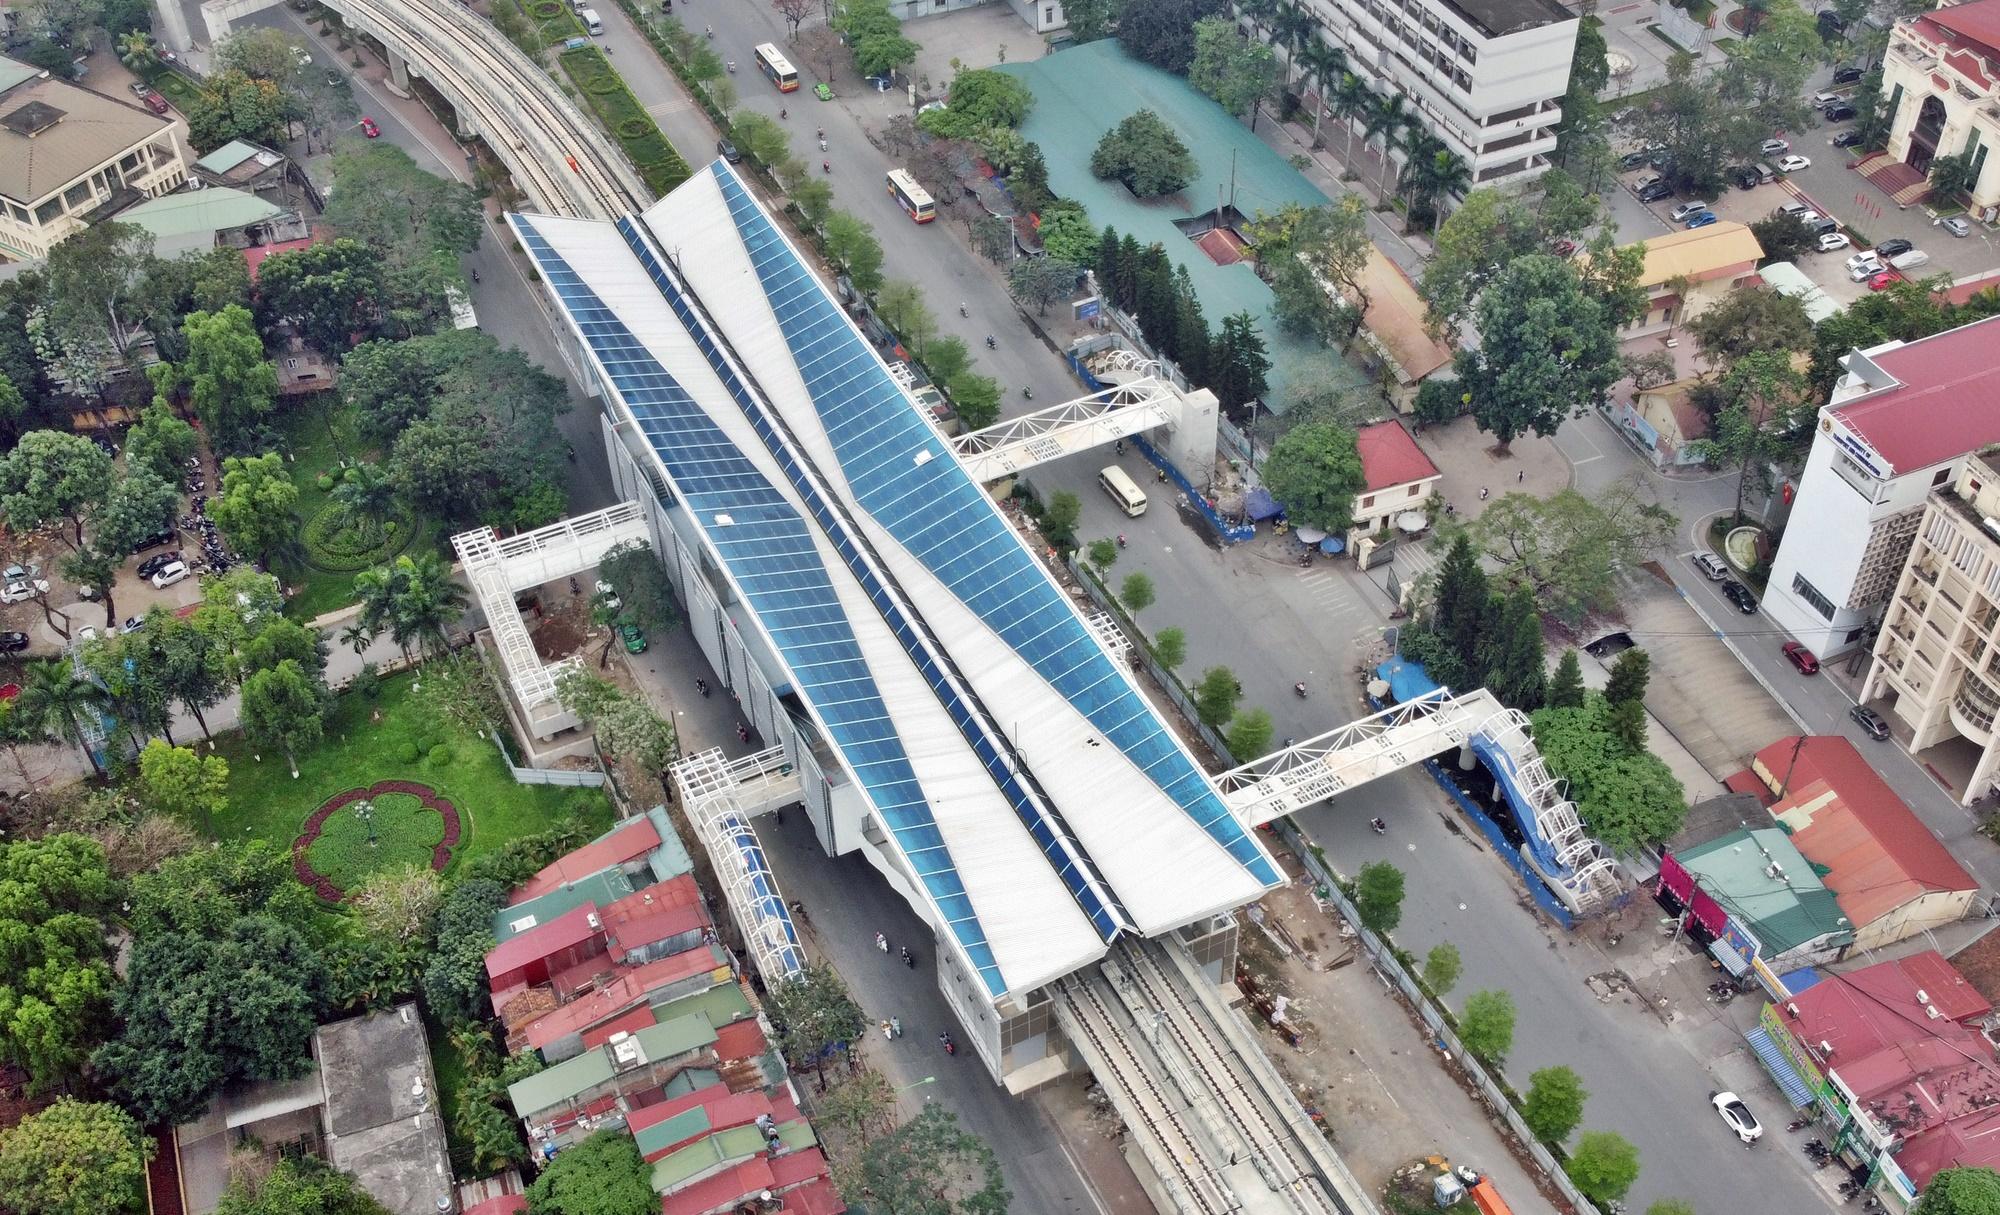 Metro Hà Nội: Thúc tiến độ triển khai ba tuyến số 2, 3 và 5 - Ảnh 1.